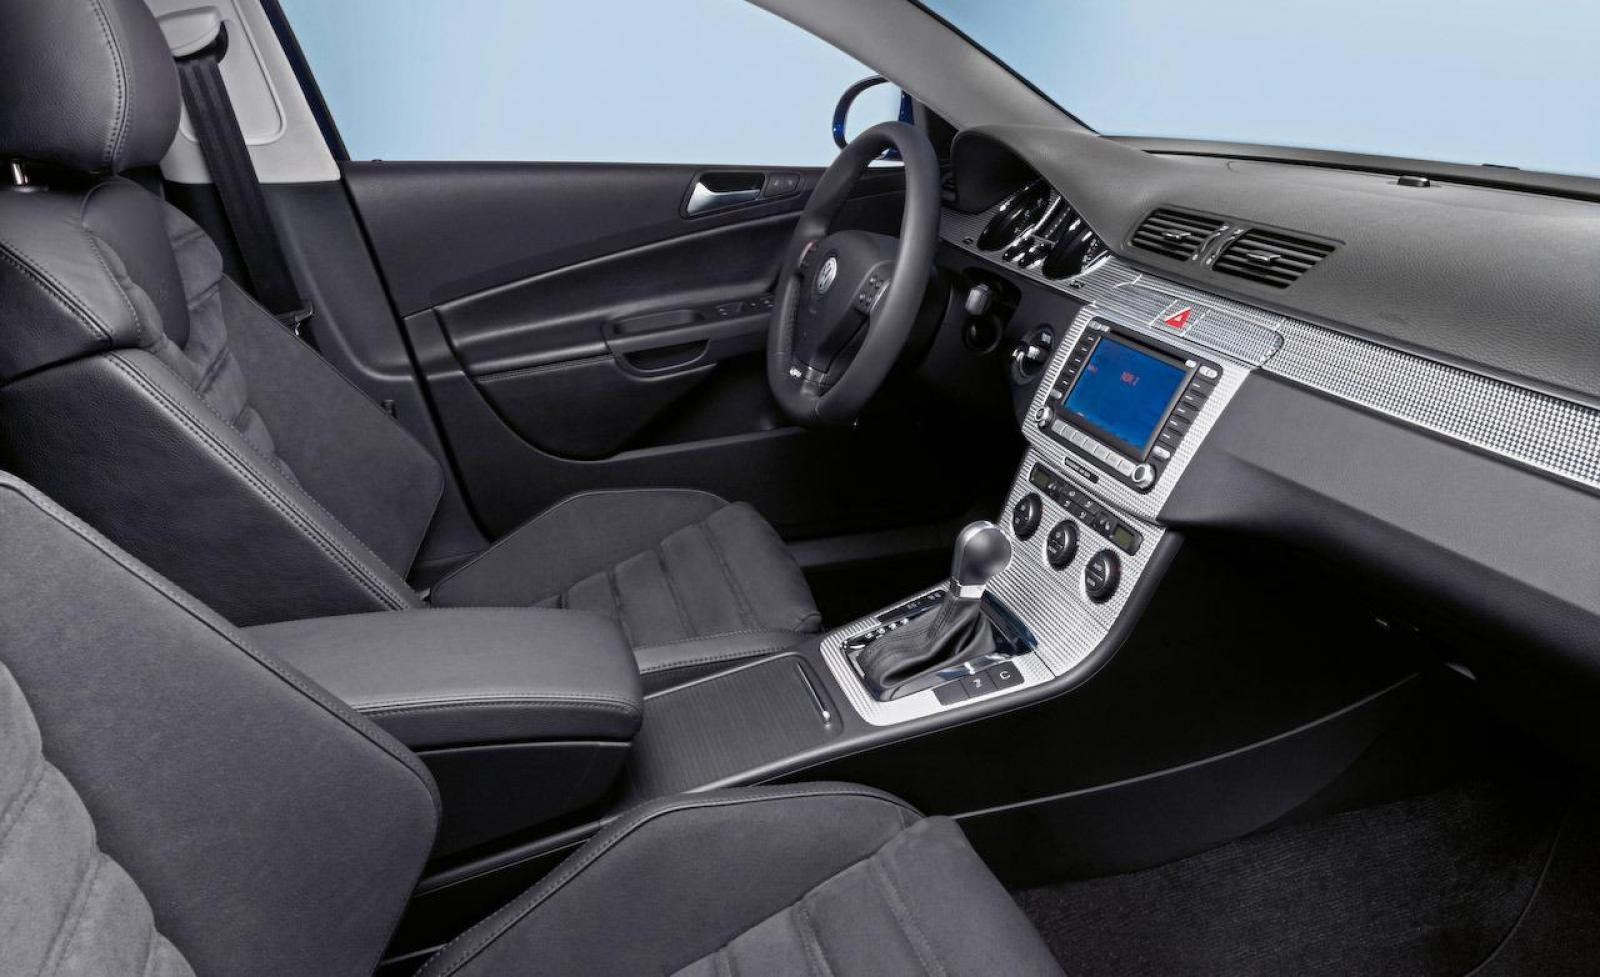 volkswagen passat interior 2008. 2008 volkswagen passat #4 800 1024 1280 1600 origin interior v